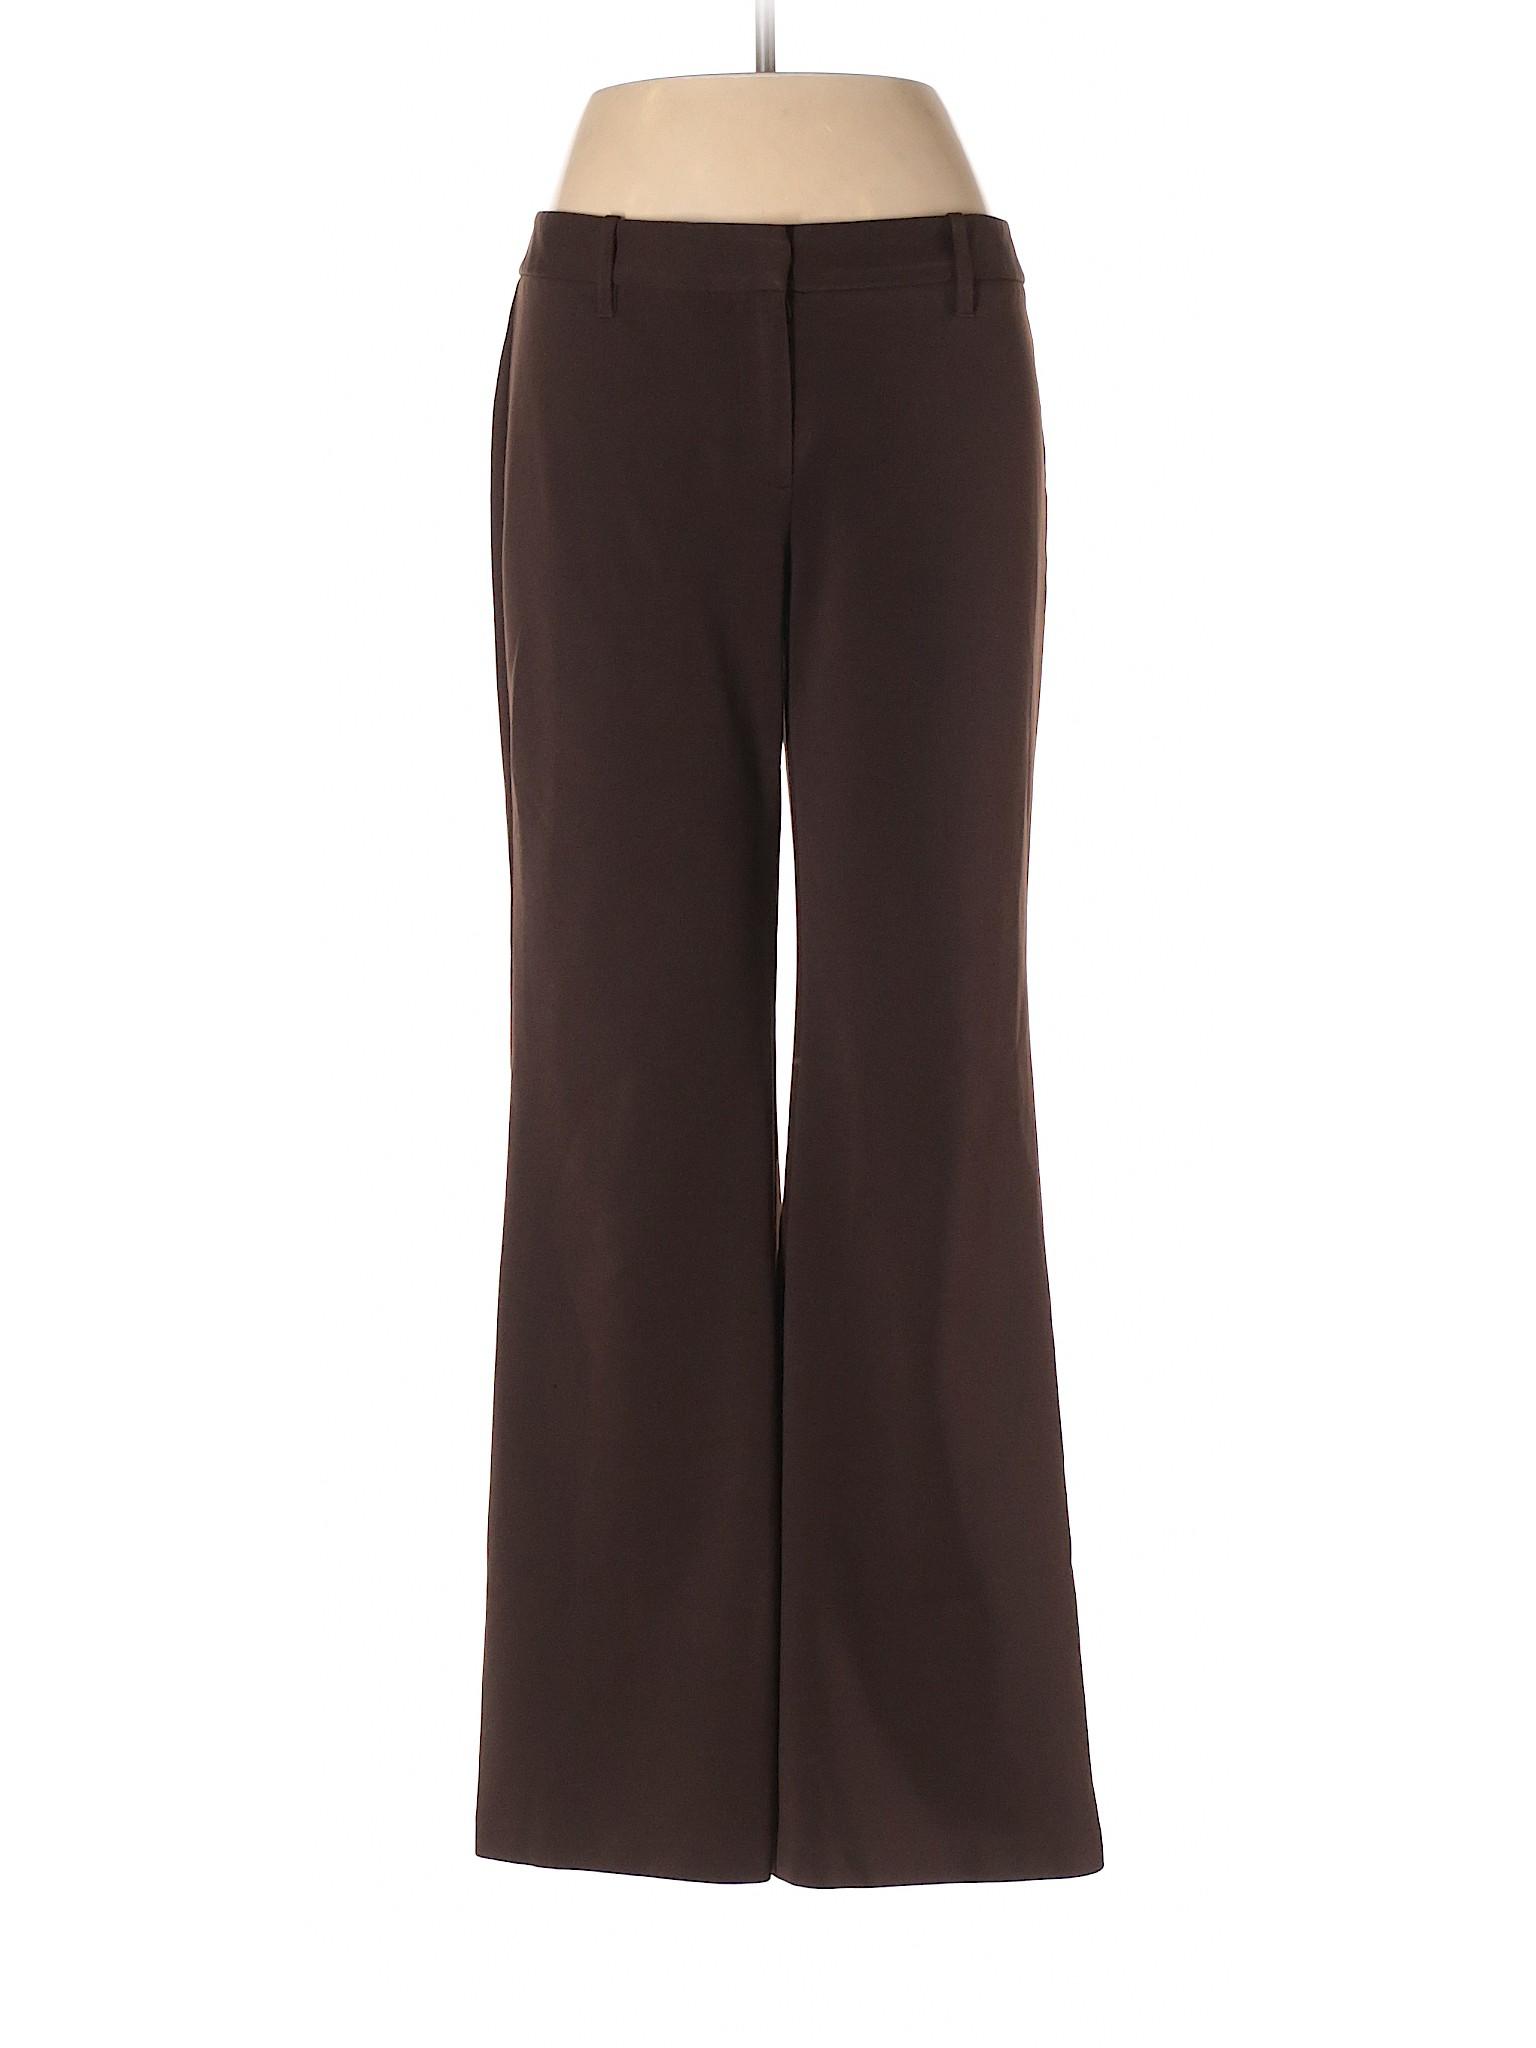 Pants Dress Boutique Boutique leisure Express leisure xq7XUq